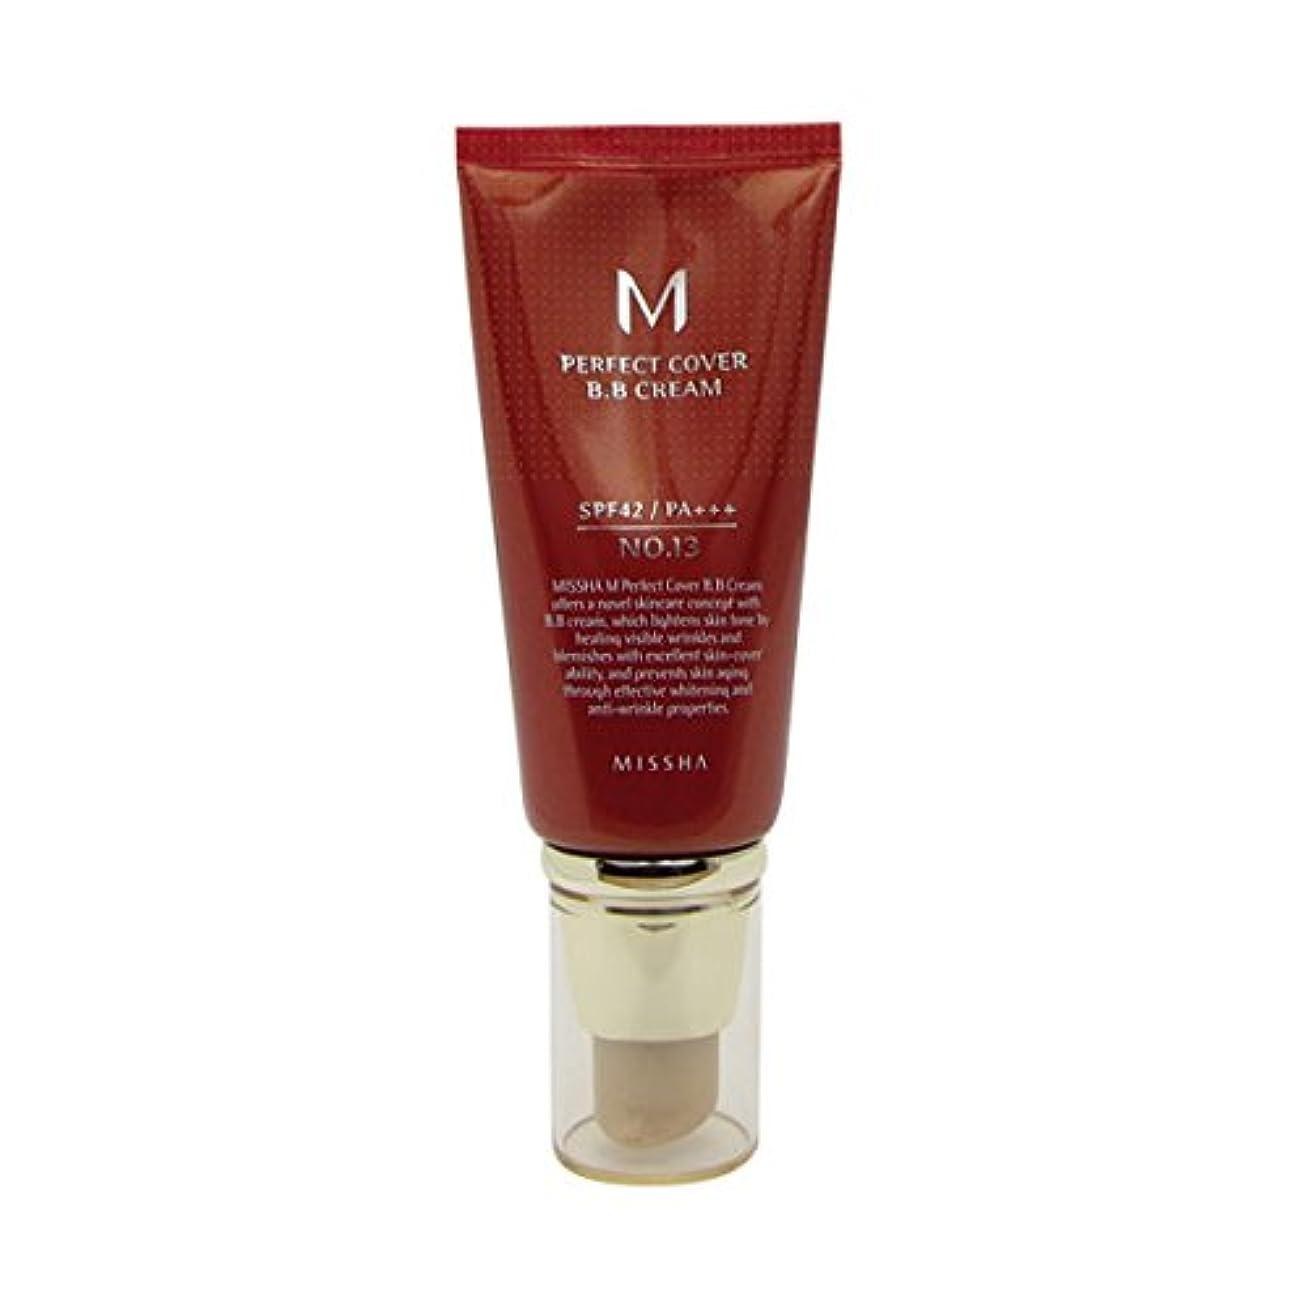 首尾一貫した枕余剰Missha M Perfect Cover Bb Cream Spf42/pa+++ No.13 Bright Beige 50ml [並行輸入品]